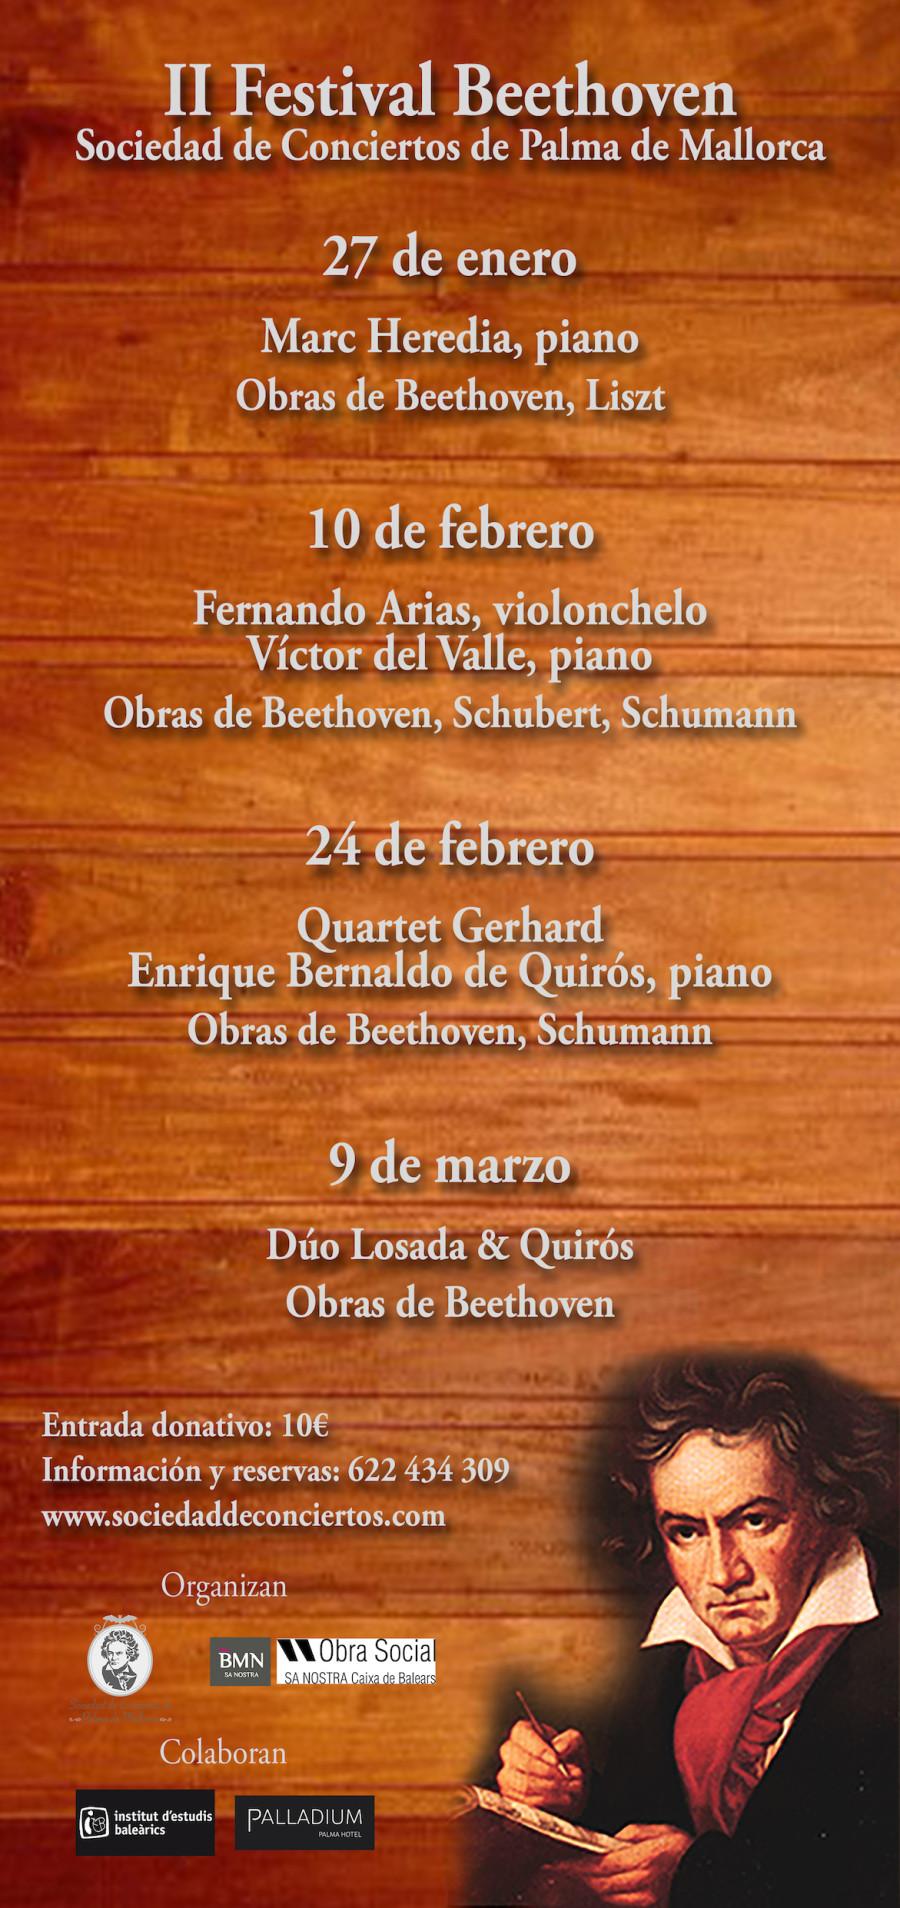 II Festival Beethoven